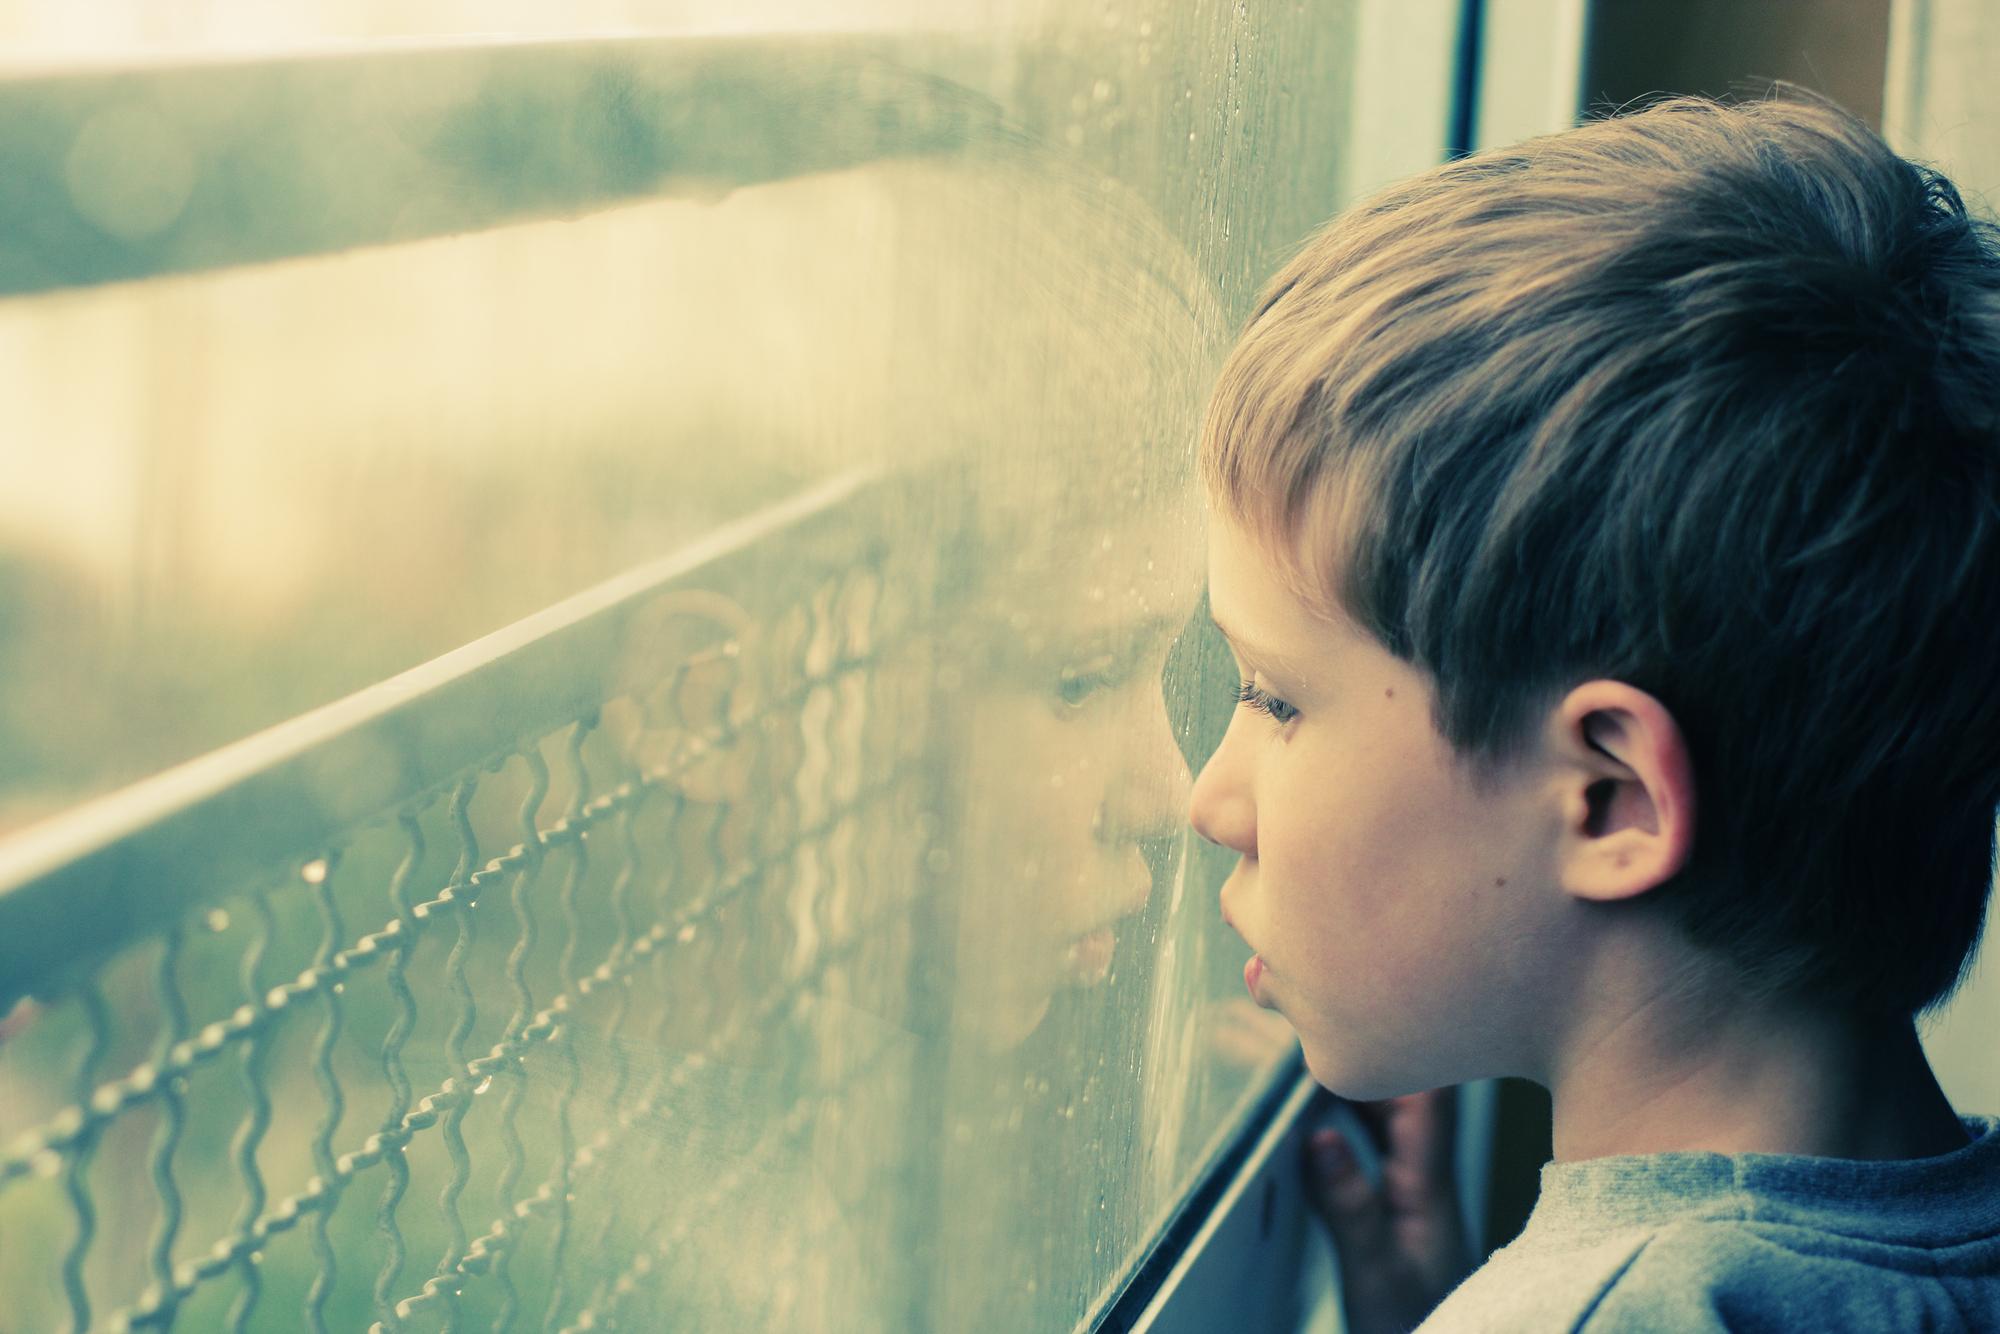 Дети, страдающие расстройствами аутистического спектра, испытывают сложности синициацией иподдержкой социальных связей. Кроме того, уних часто возникает потребность постоянно повторять одни ите же действия или движения, что также затрудняет общение со сверстниками.